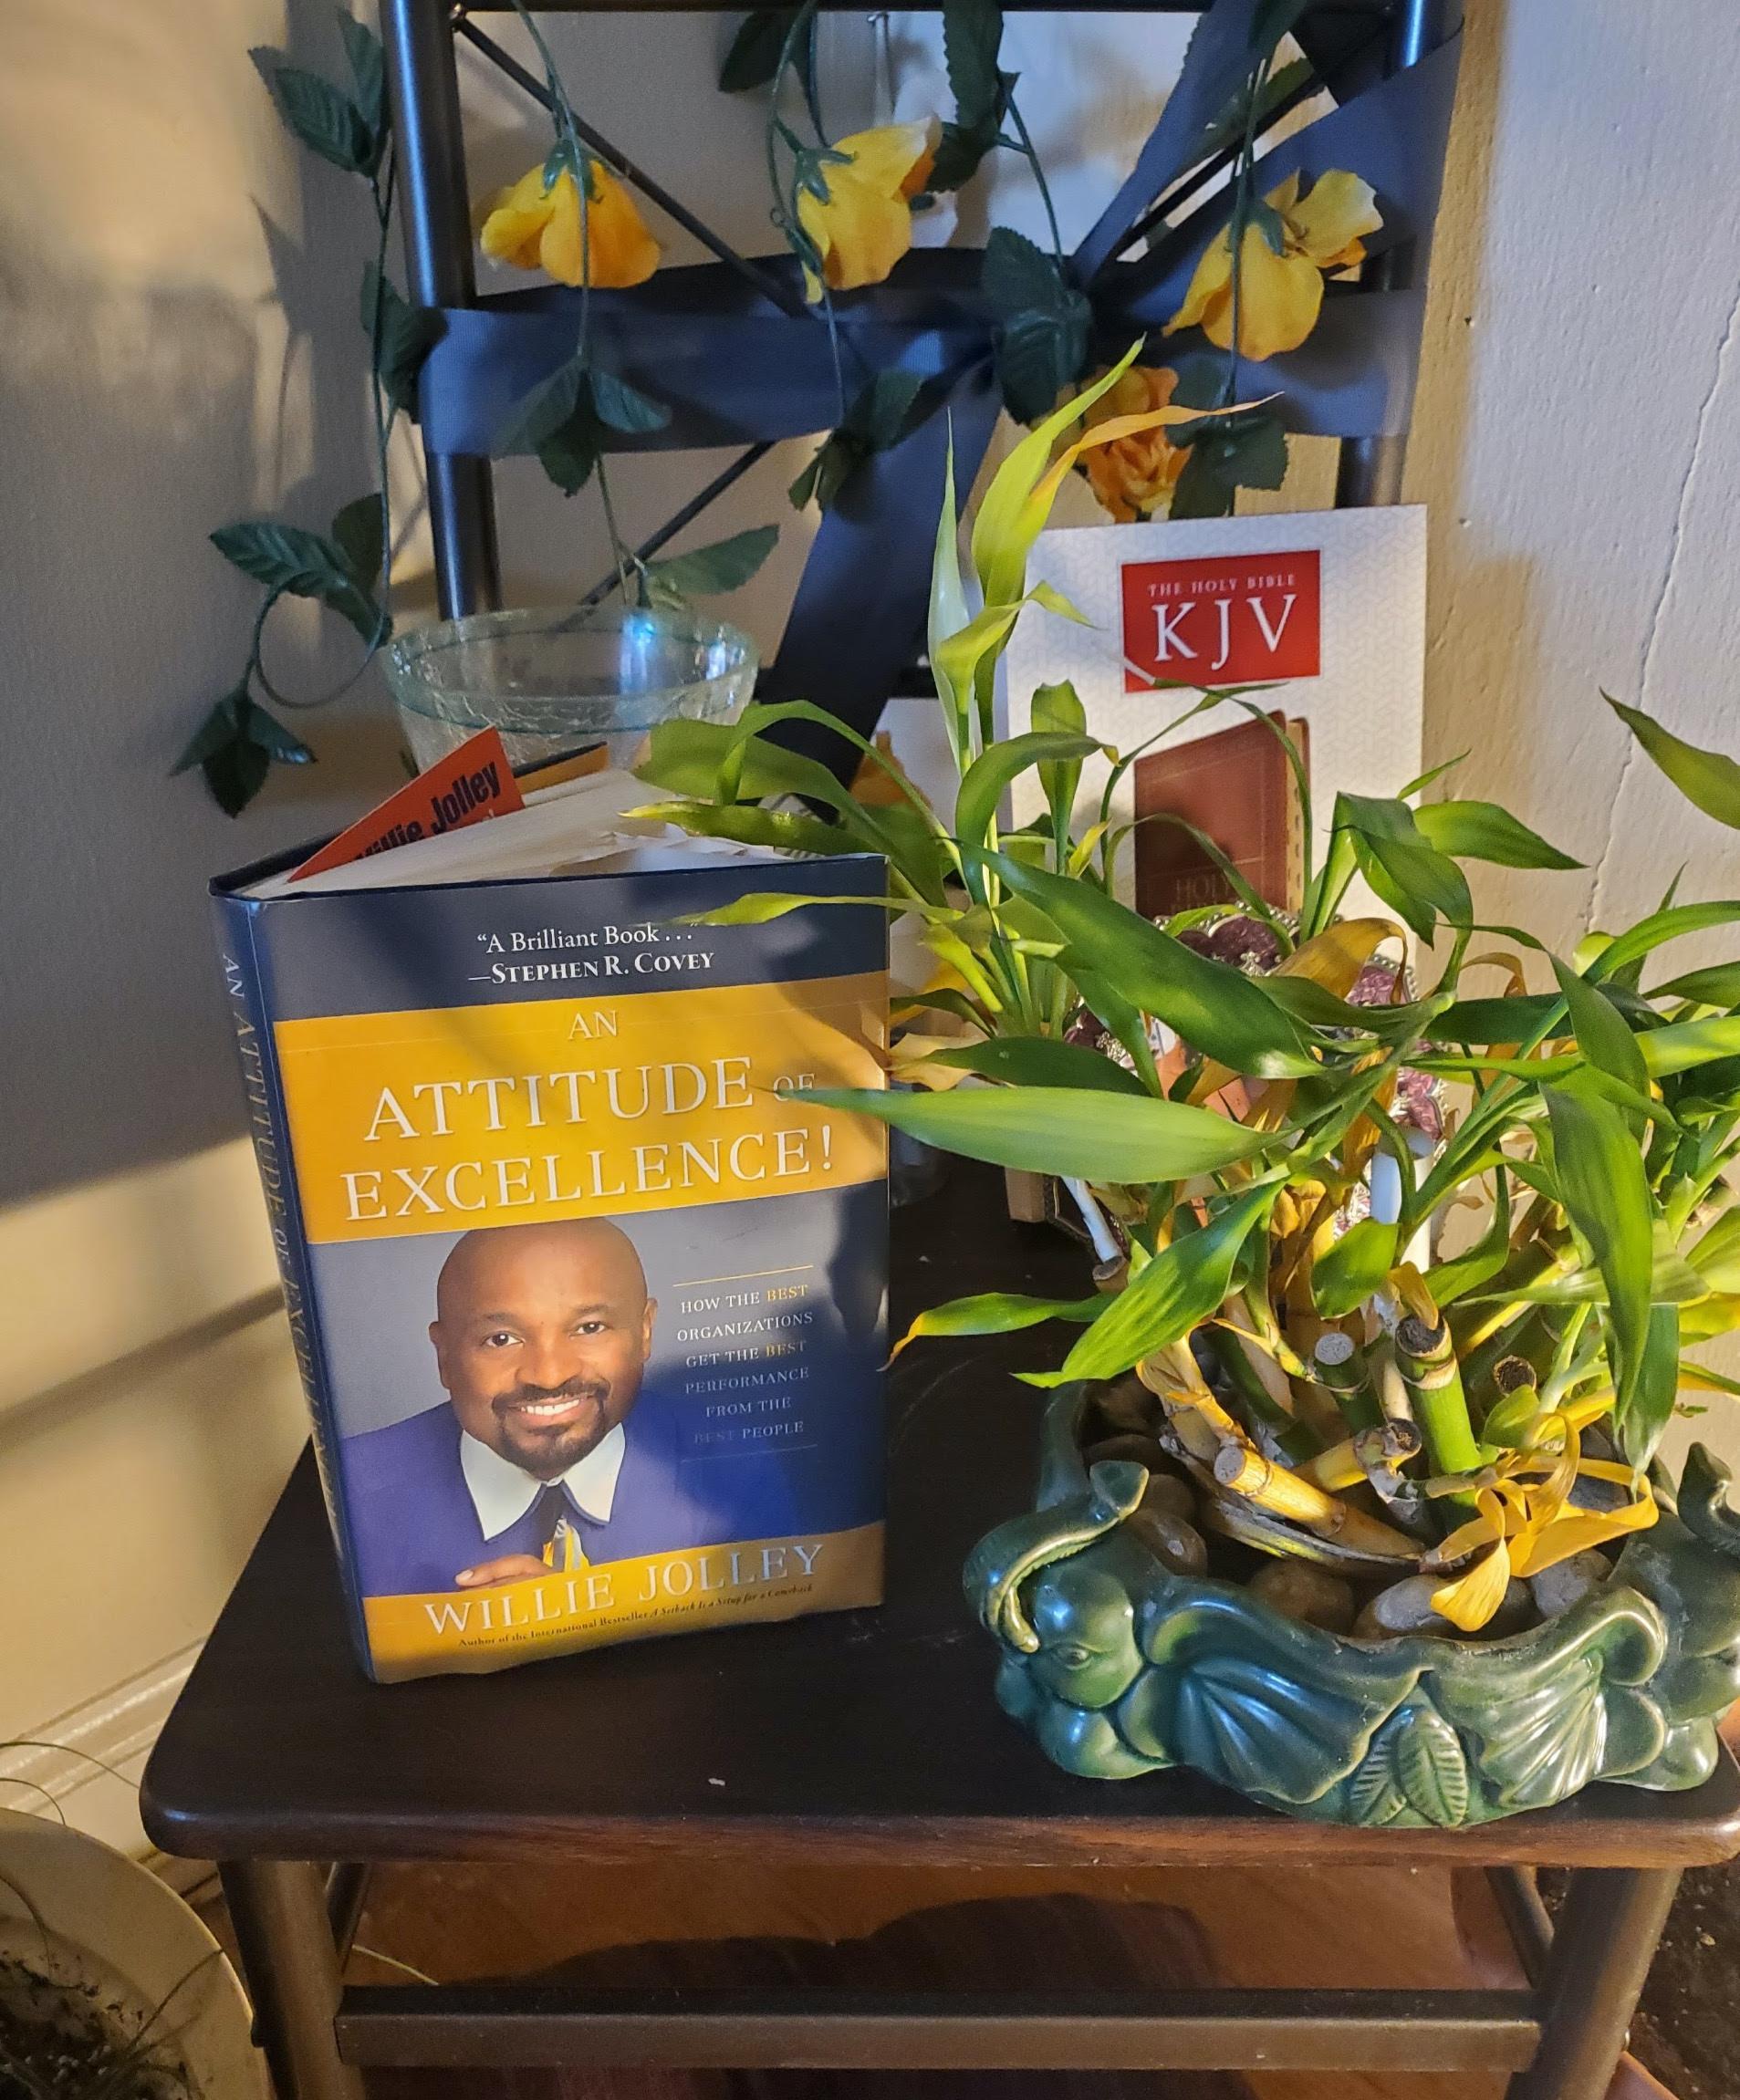 attitude book cover